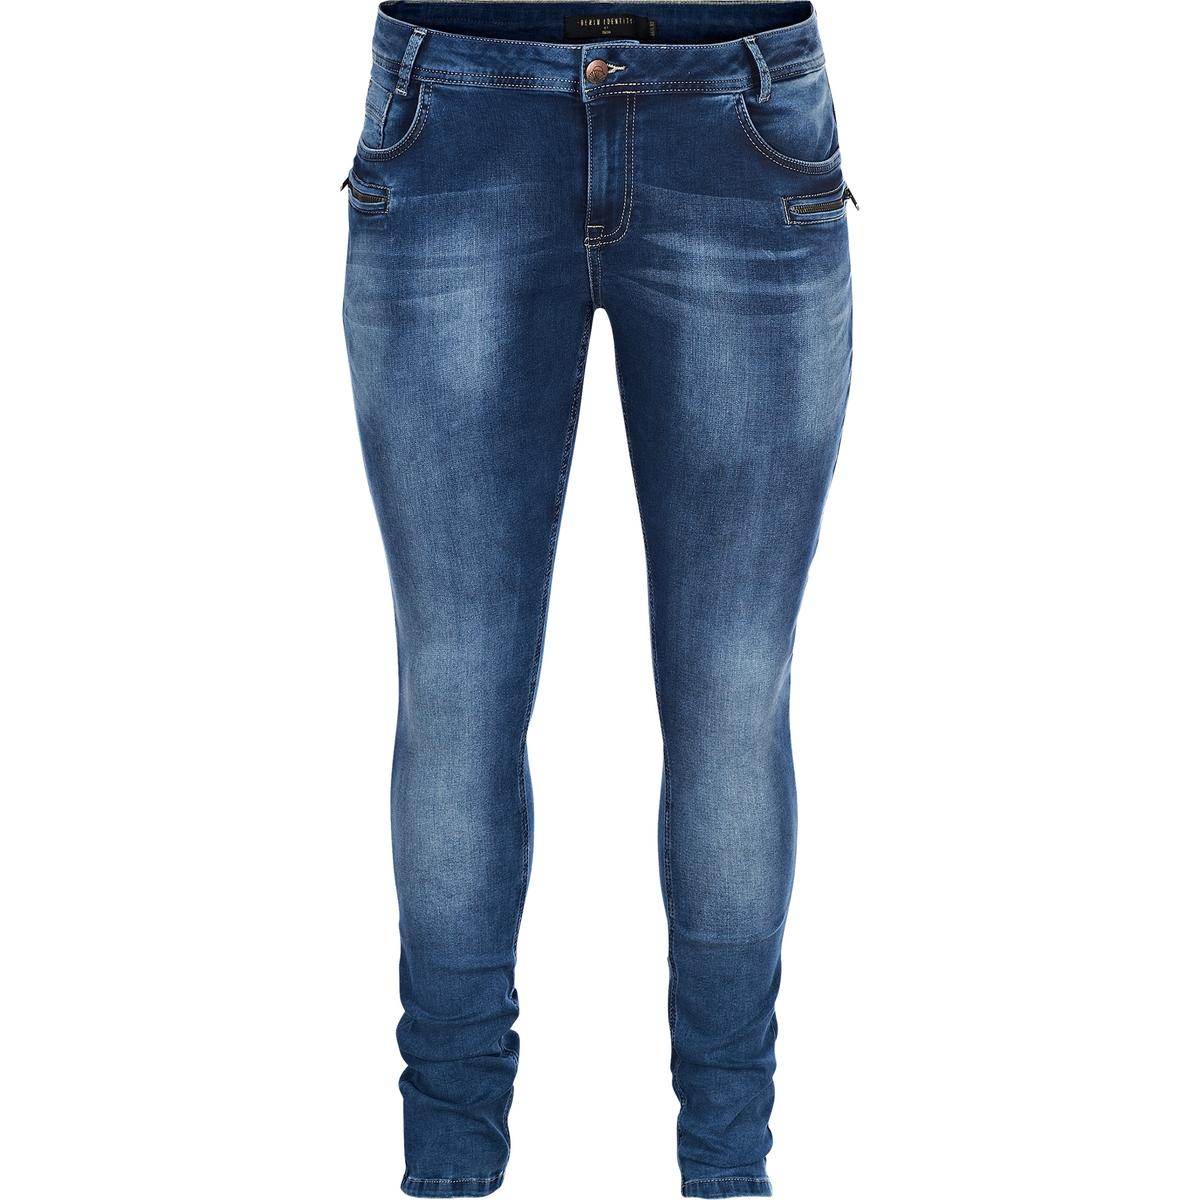 Джинсы скинни, длина 82 смДжинсы скинни ZIZZI, длина 82 см . 66% хлопка, 21% полиэстера, 11% вискозы, 2% эластана. Шлевки для ремня. Застежка на молнию. Стандартная посадка. Стретчевый материал высокого качества гарантирует комфорт использования<br><br>Цвет: синий джинсовый<br>Размер: 54 (FR) - 60 (RUS)